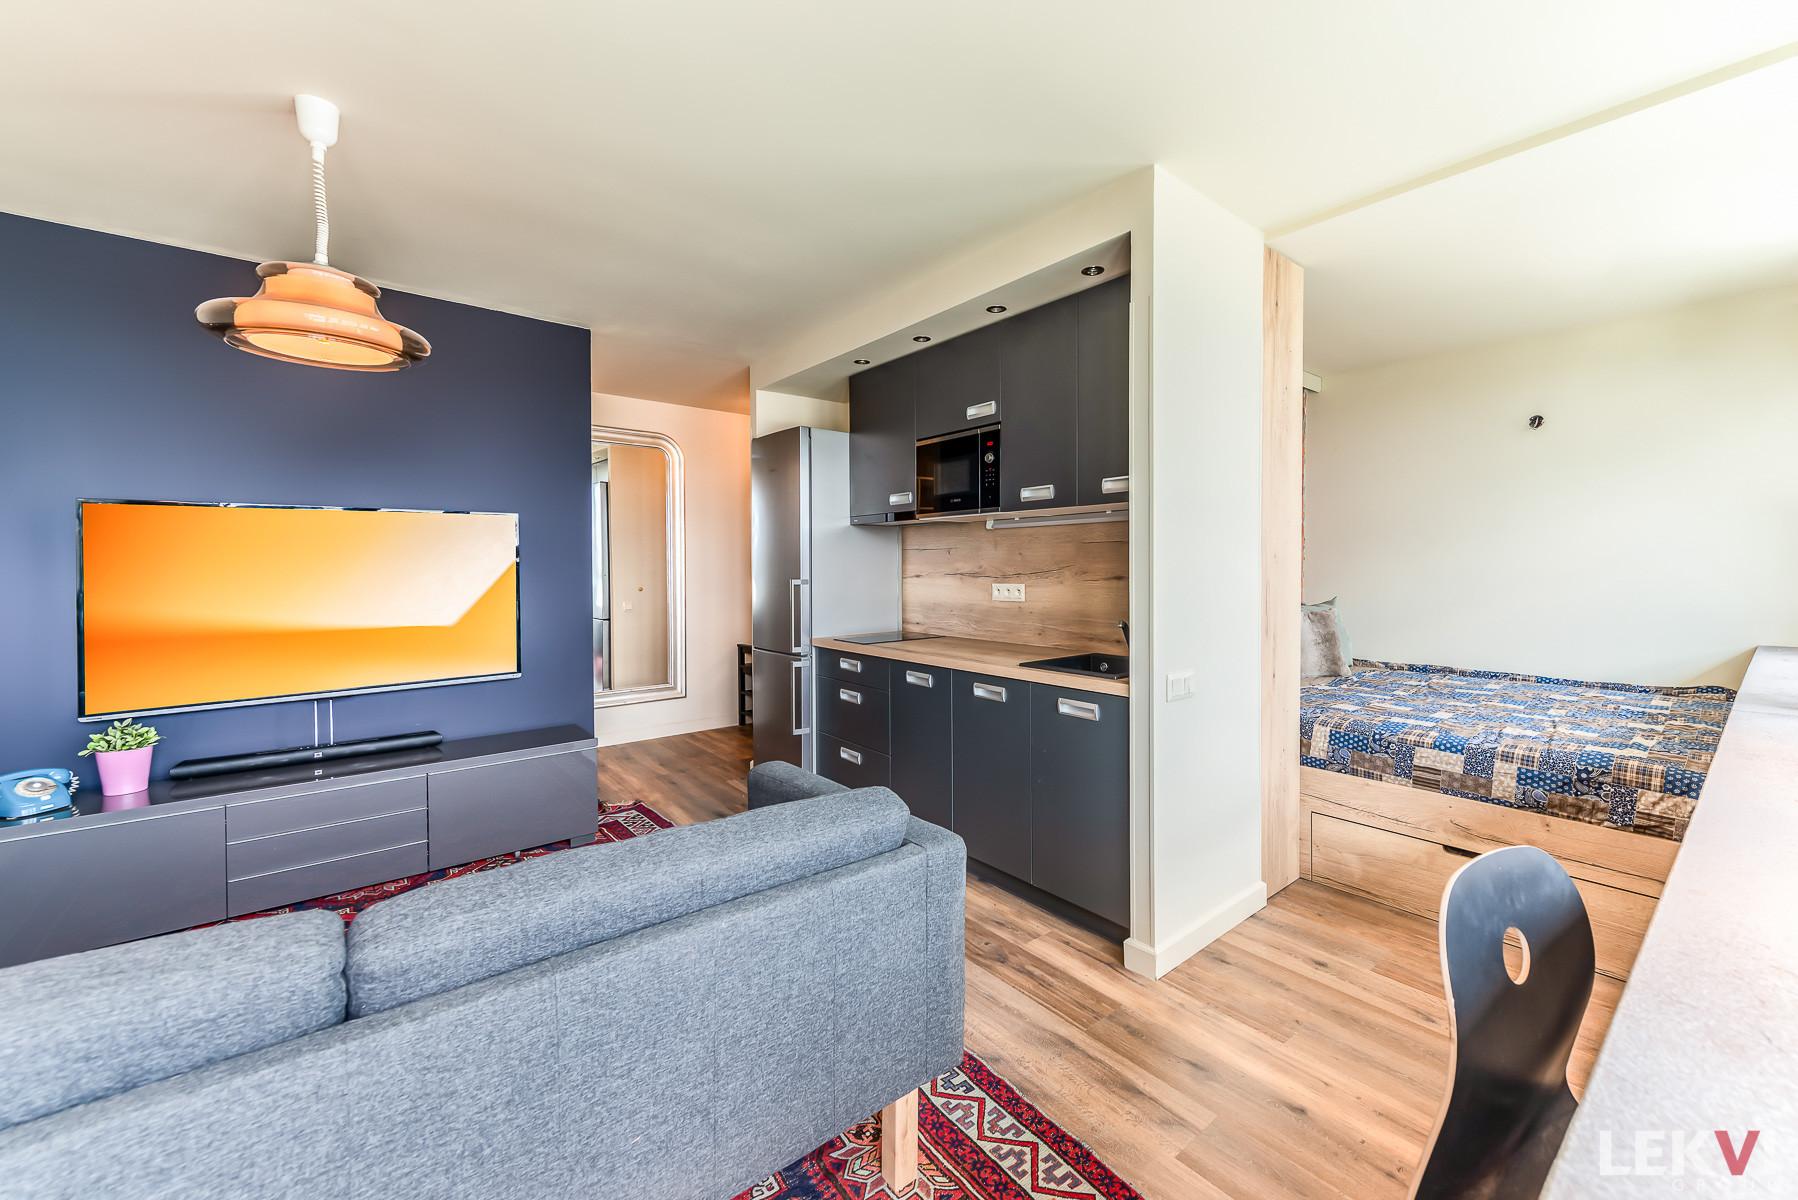 Prodej bytu 1+kk, 39 m2 - Paláskova, Praha 8